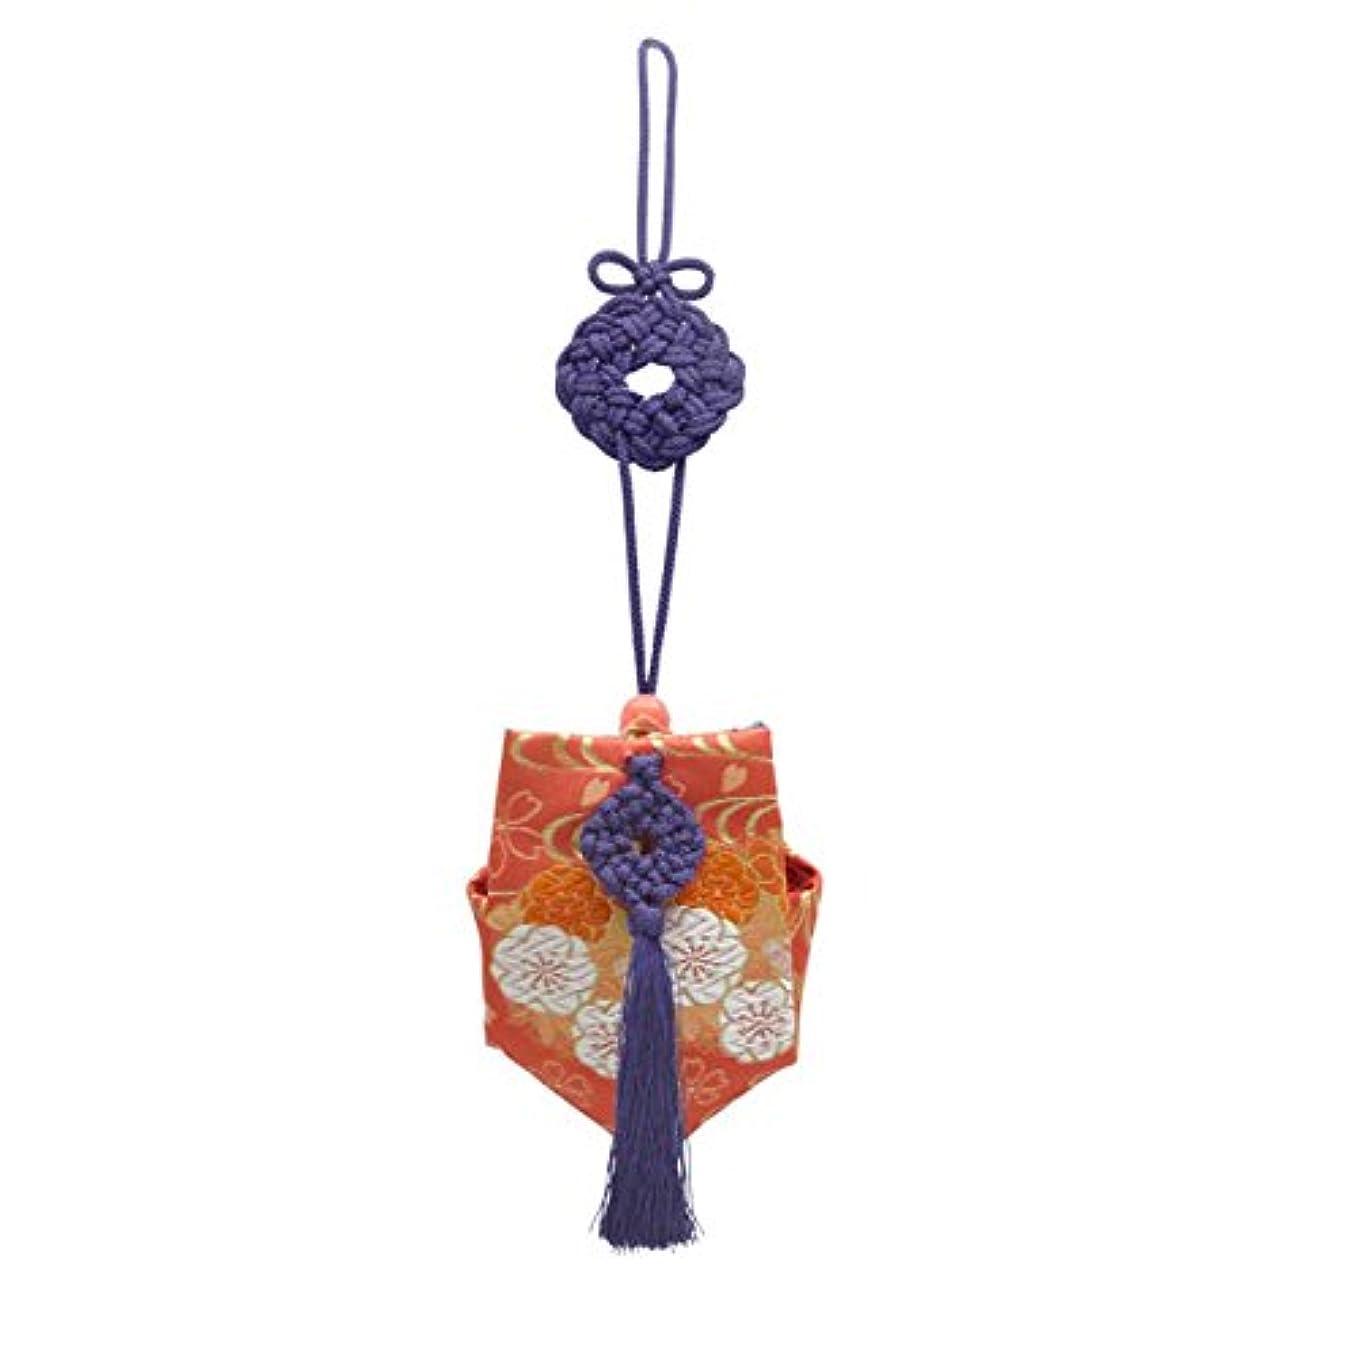 選出するコテージ連結する訶梨勒 上品 紙箱入 紫紐/花紋